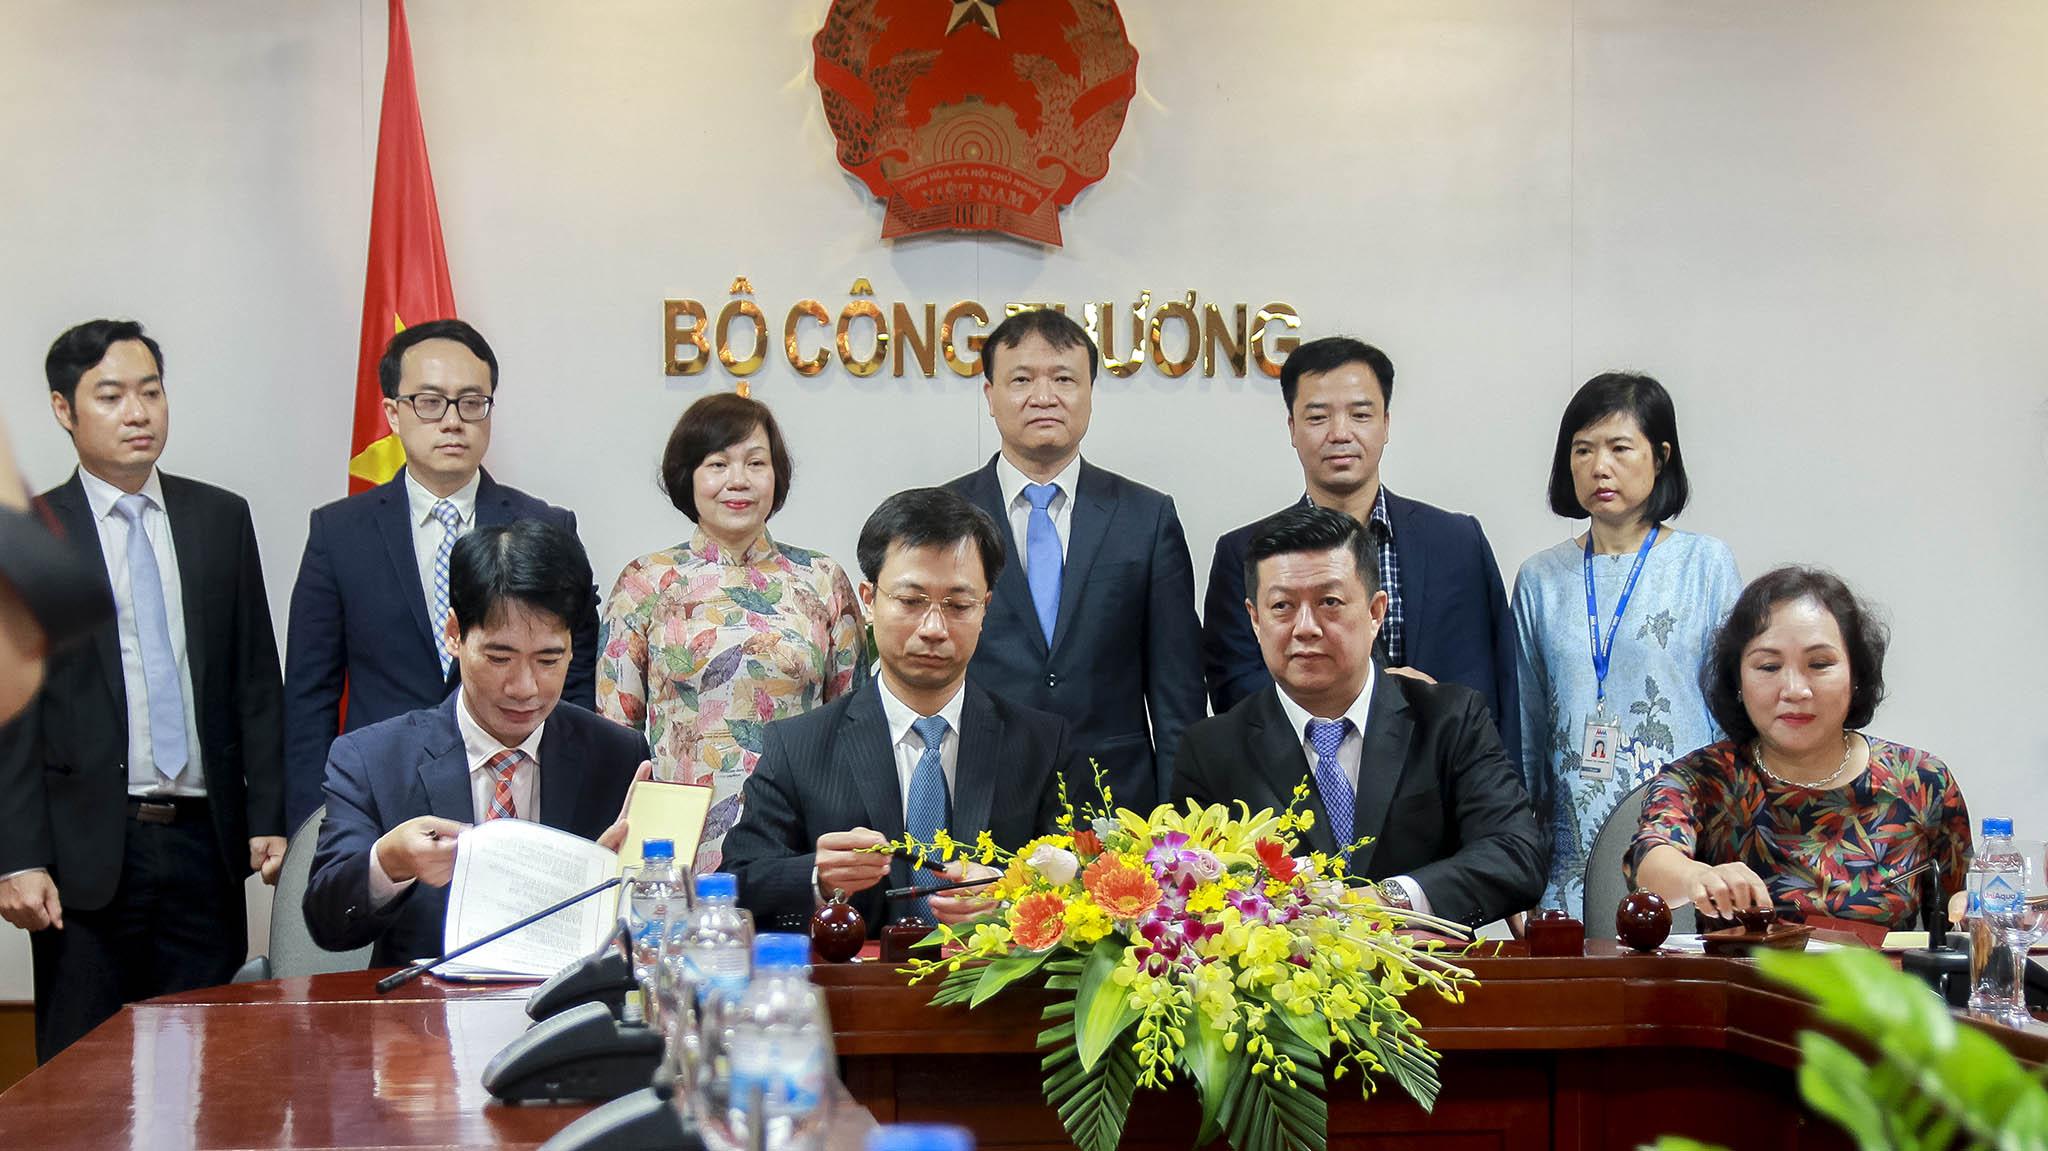 Khoảng 90% hàng hóa bán tại MM Mega Market Việt Nam là hàng Việt